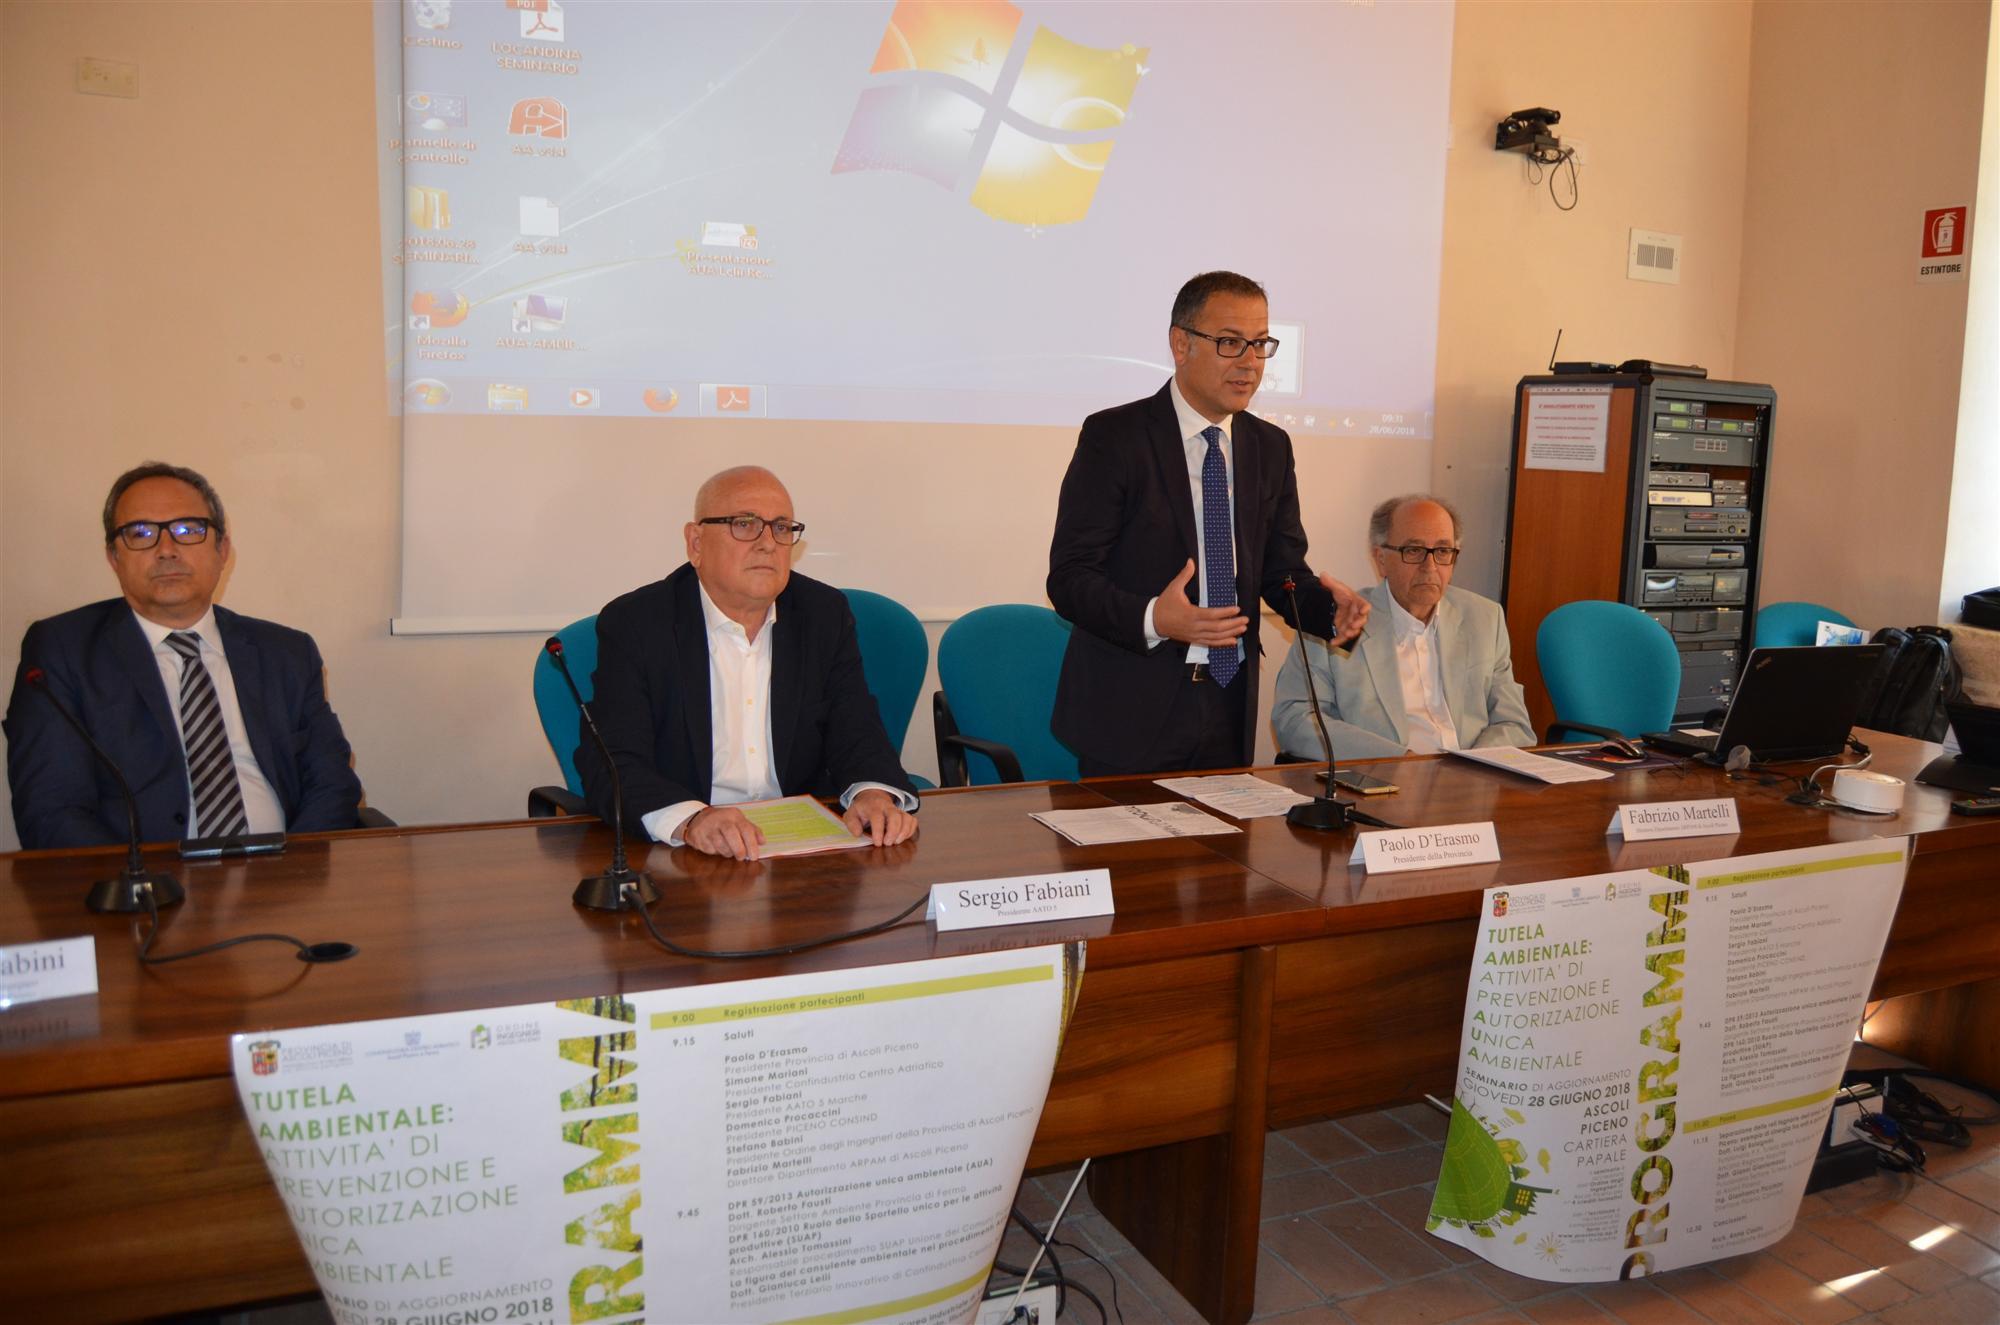 Successo Seminario Autorizzazione Unica Ambientale